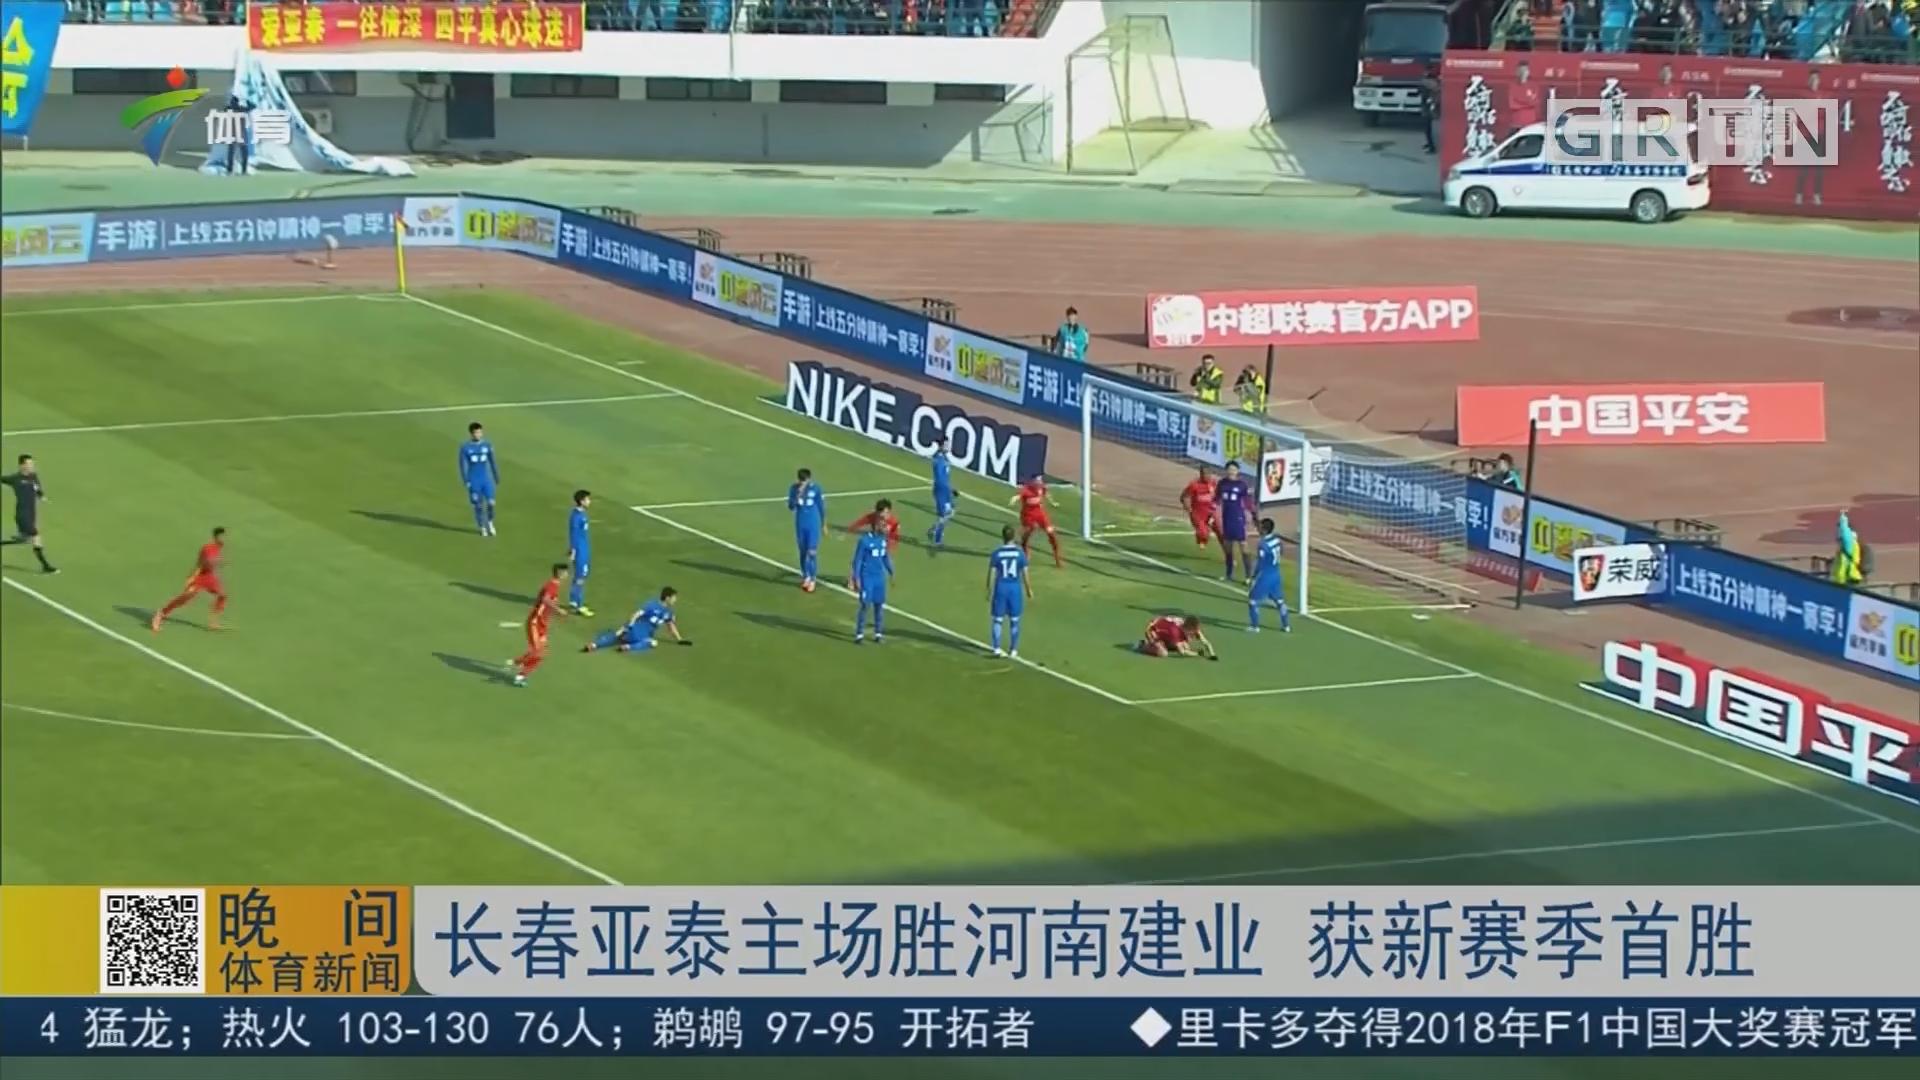 长春亚泰主场胜河南建业 获新赛季首胜